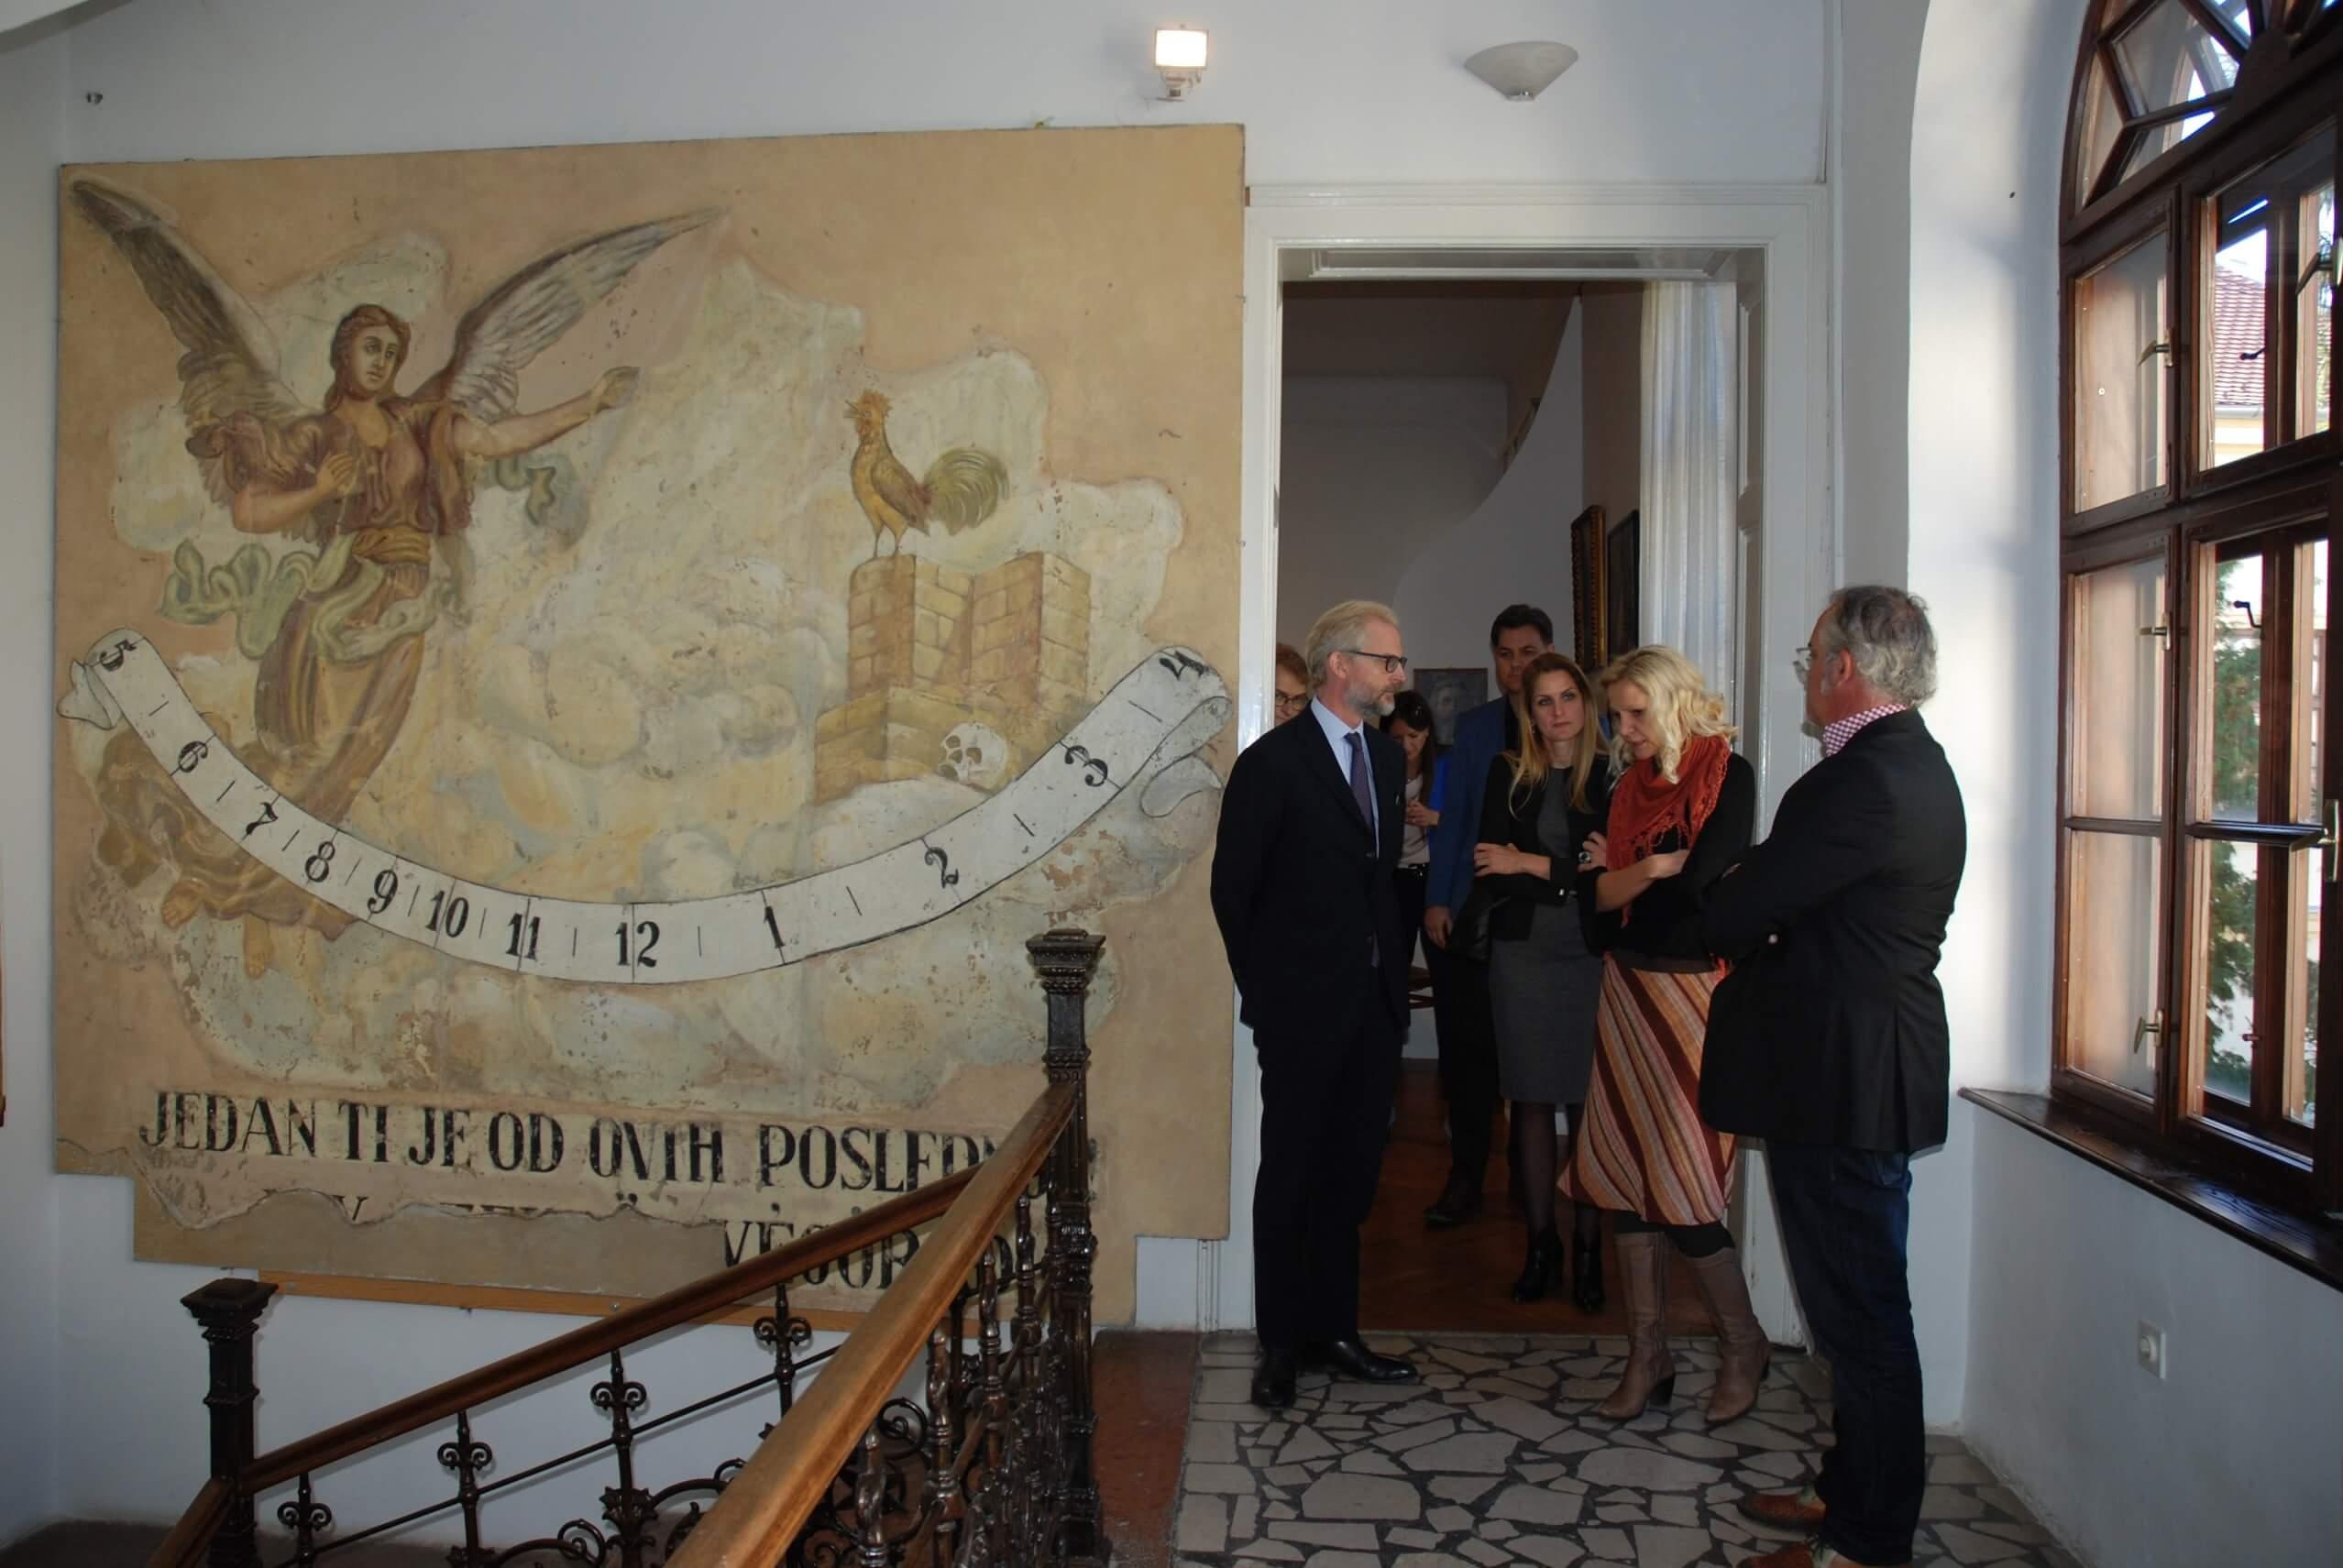 Богата историјска збирка заинтересовала госте из Аустрије